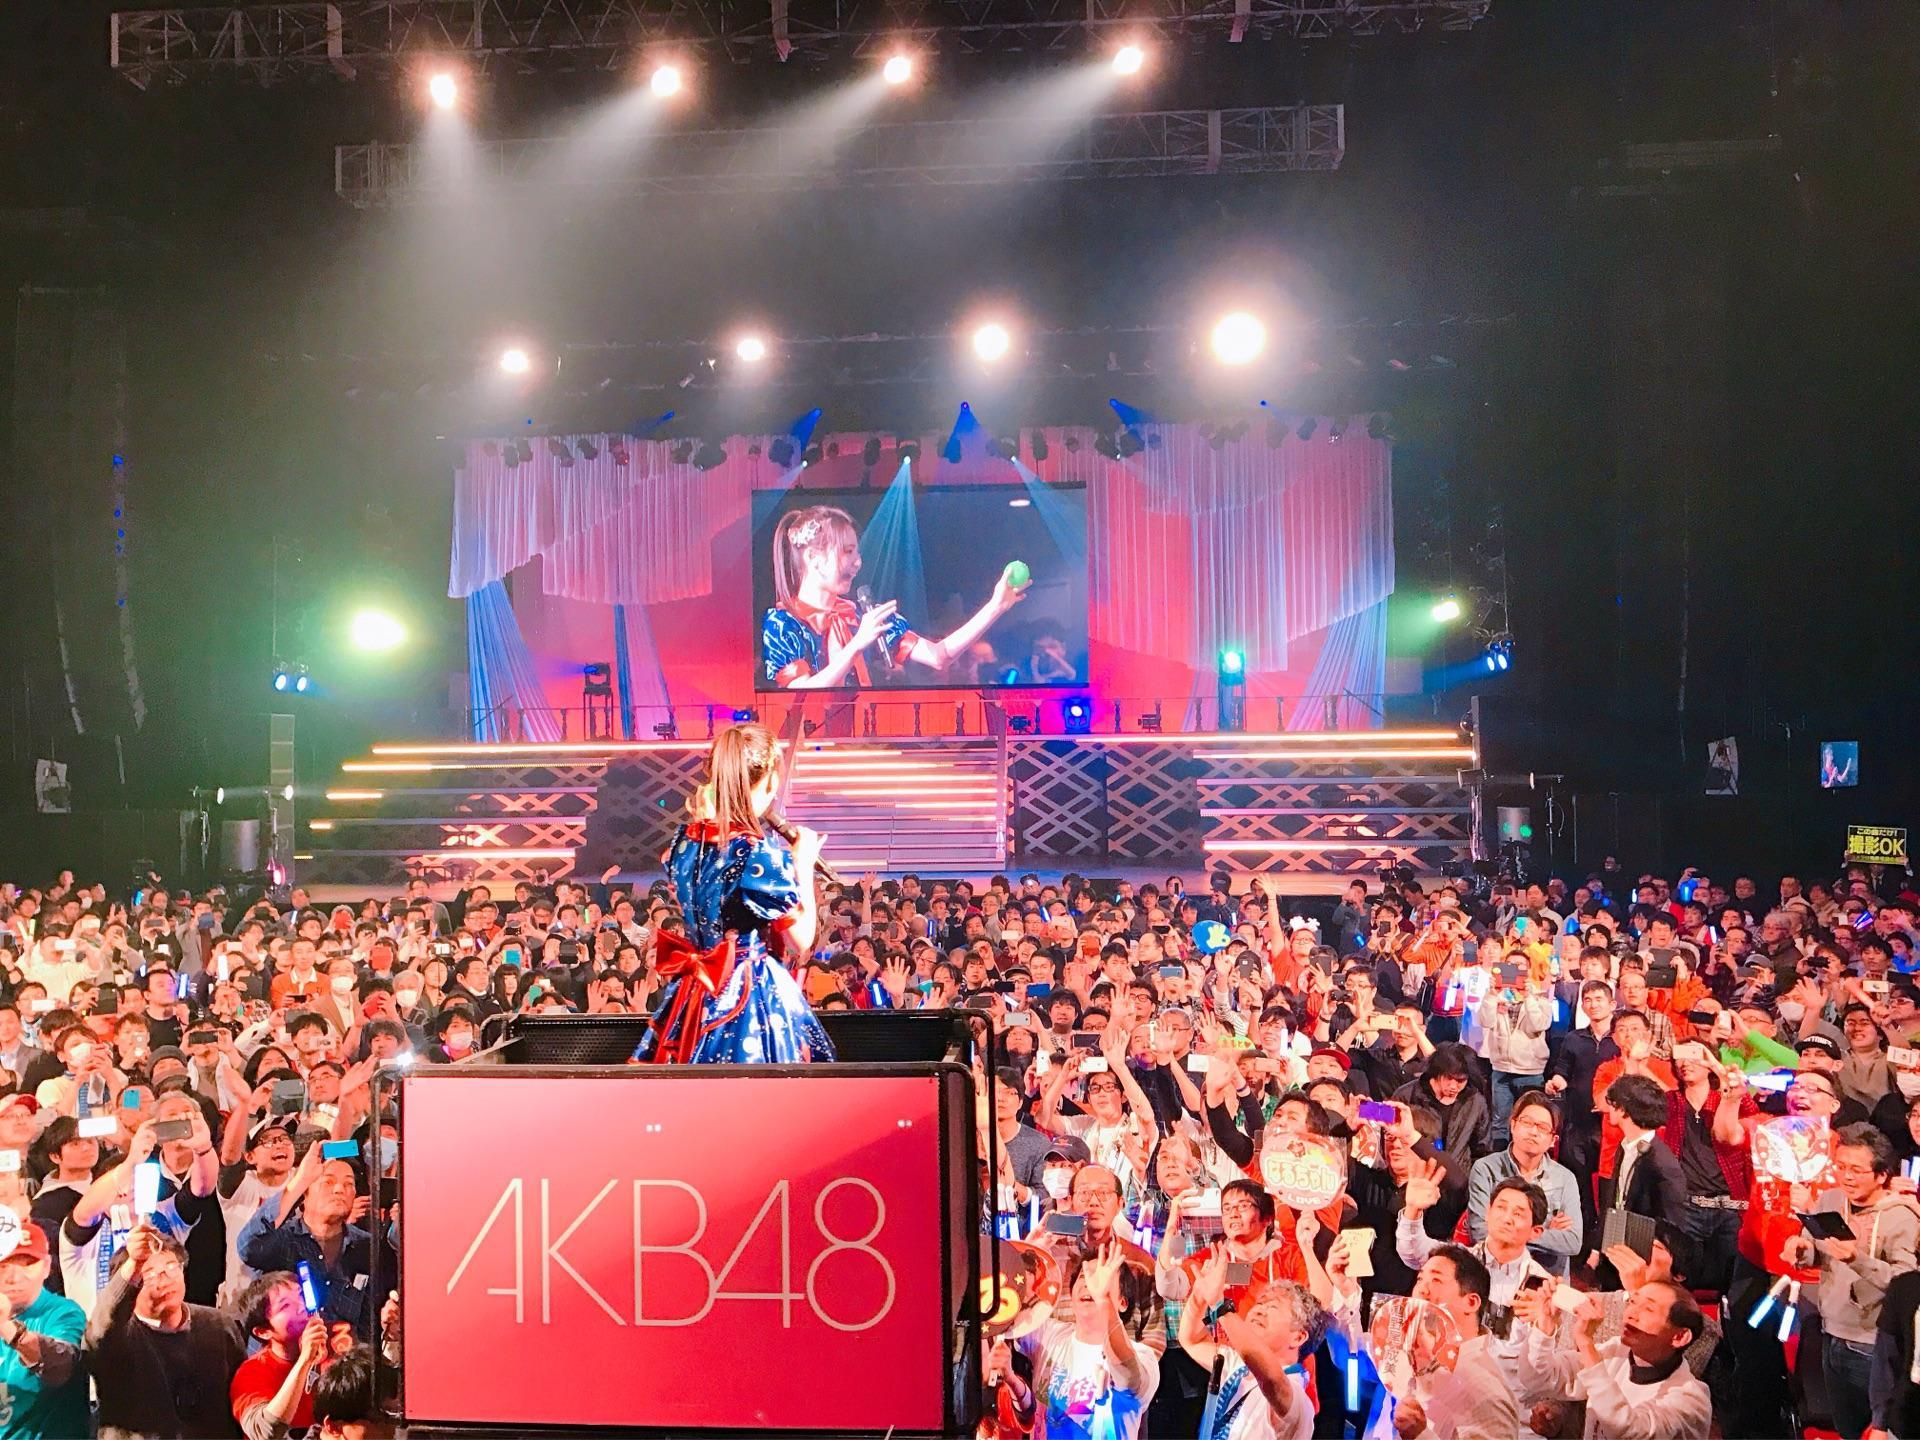 【画像】 13歳美少女・久保怜音ちゃんの握手会に集まった客層wwwwwwwwwwww YouTube動画>3本 ->画像>68枚